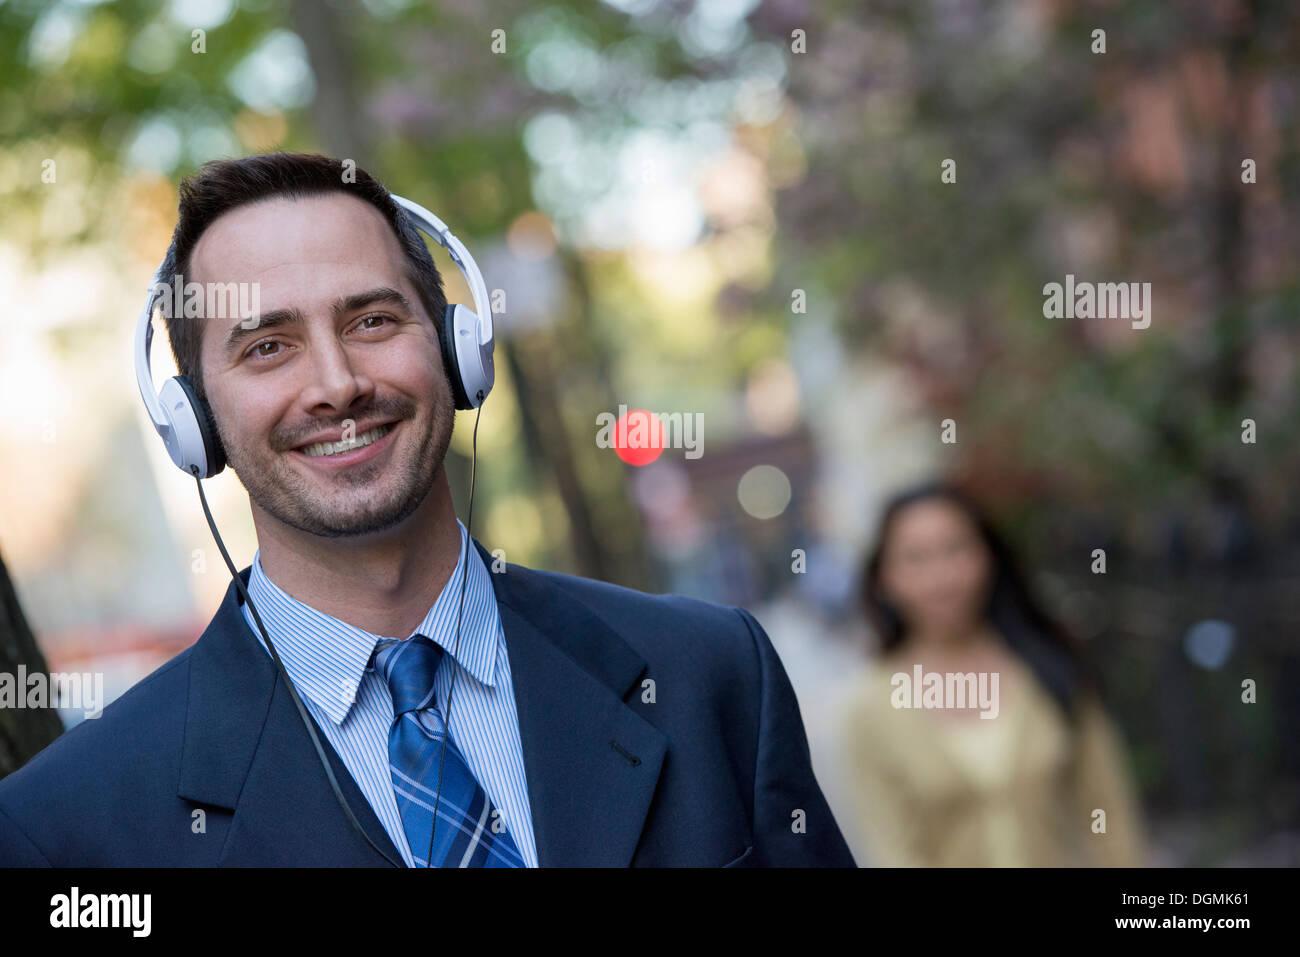 Un uomo in un business suit indossare cuffie bianche, l'ascolto di musica. Immagini Stock